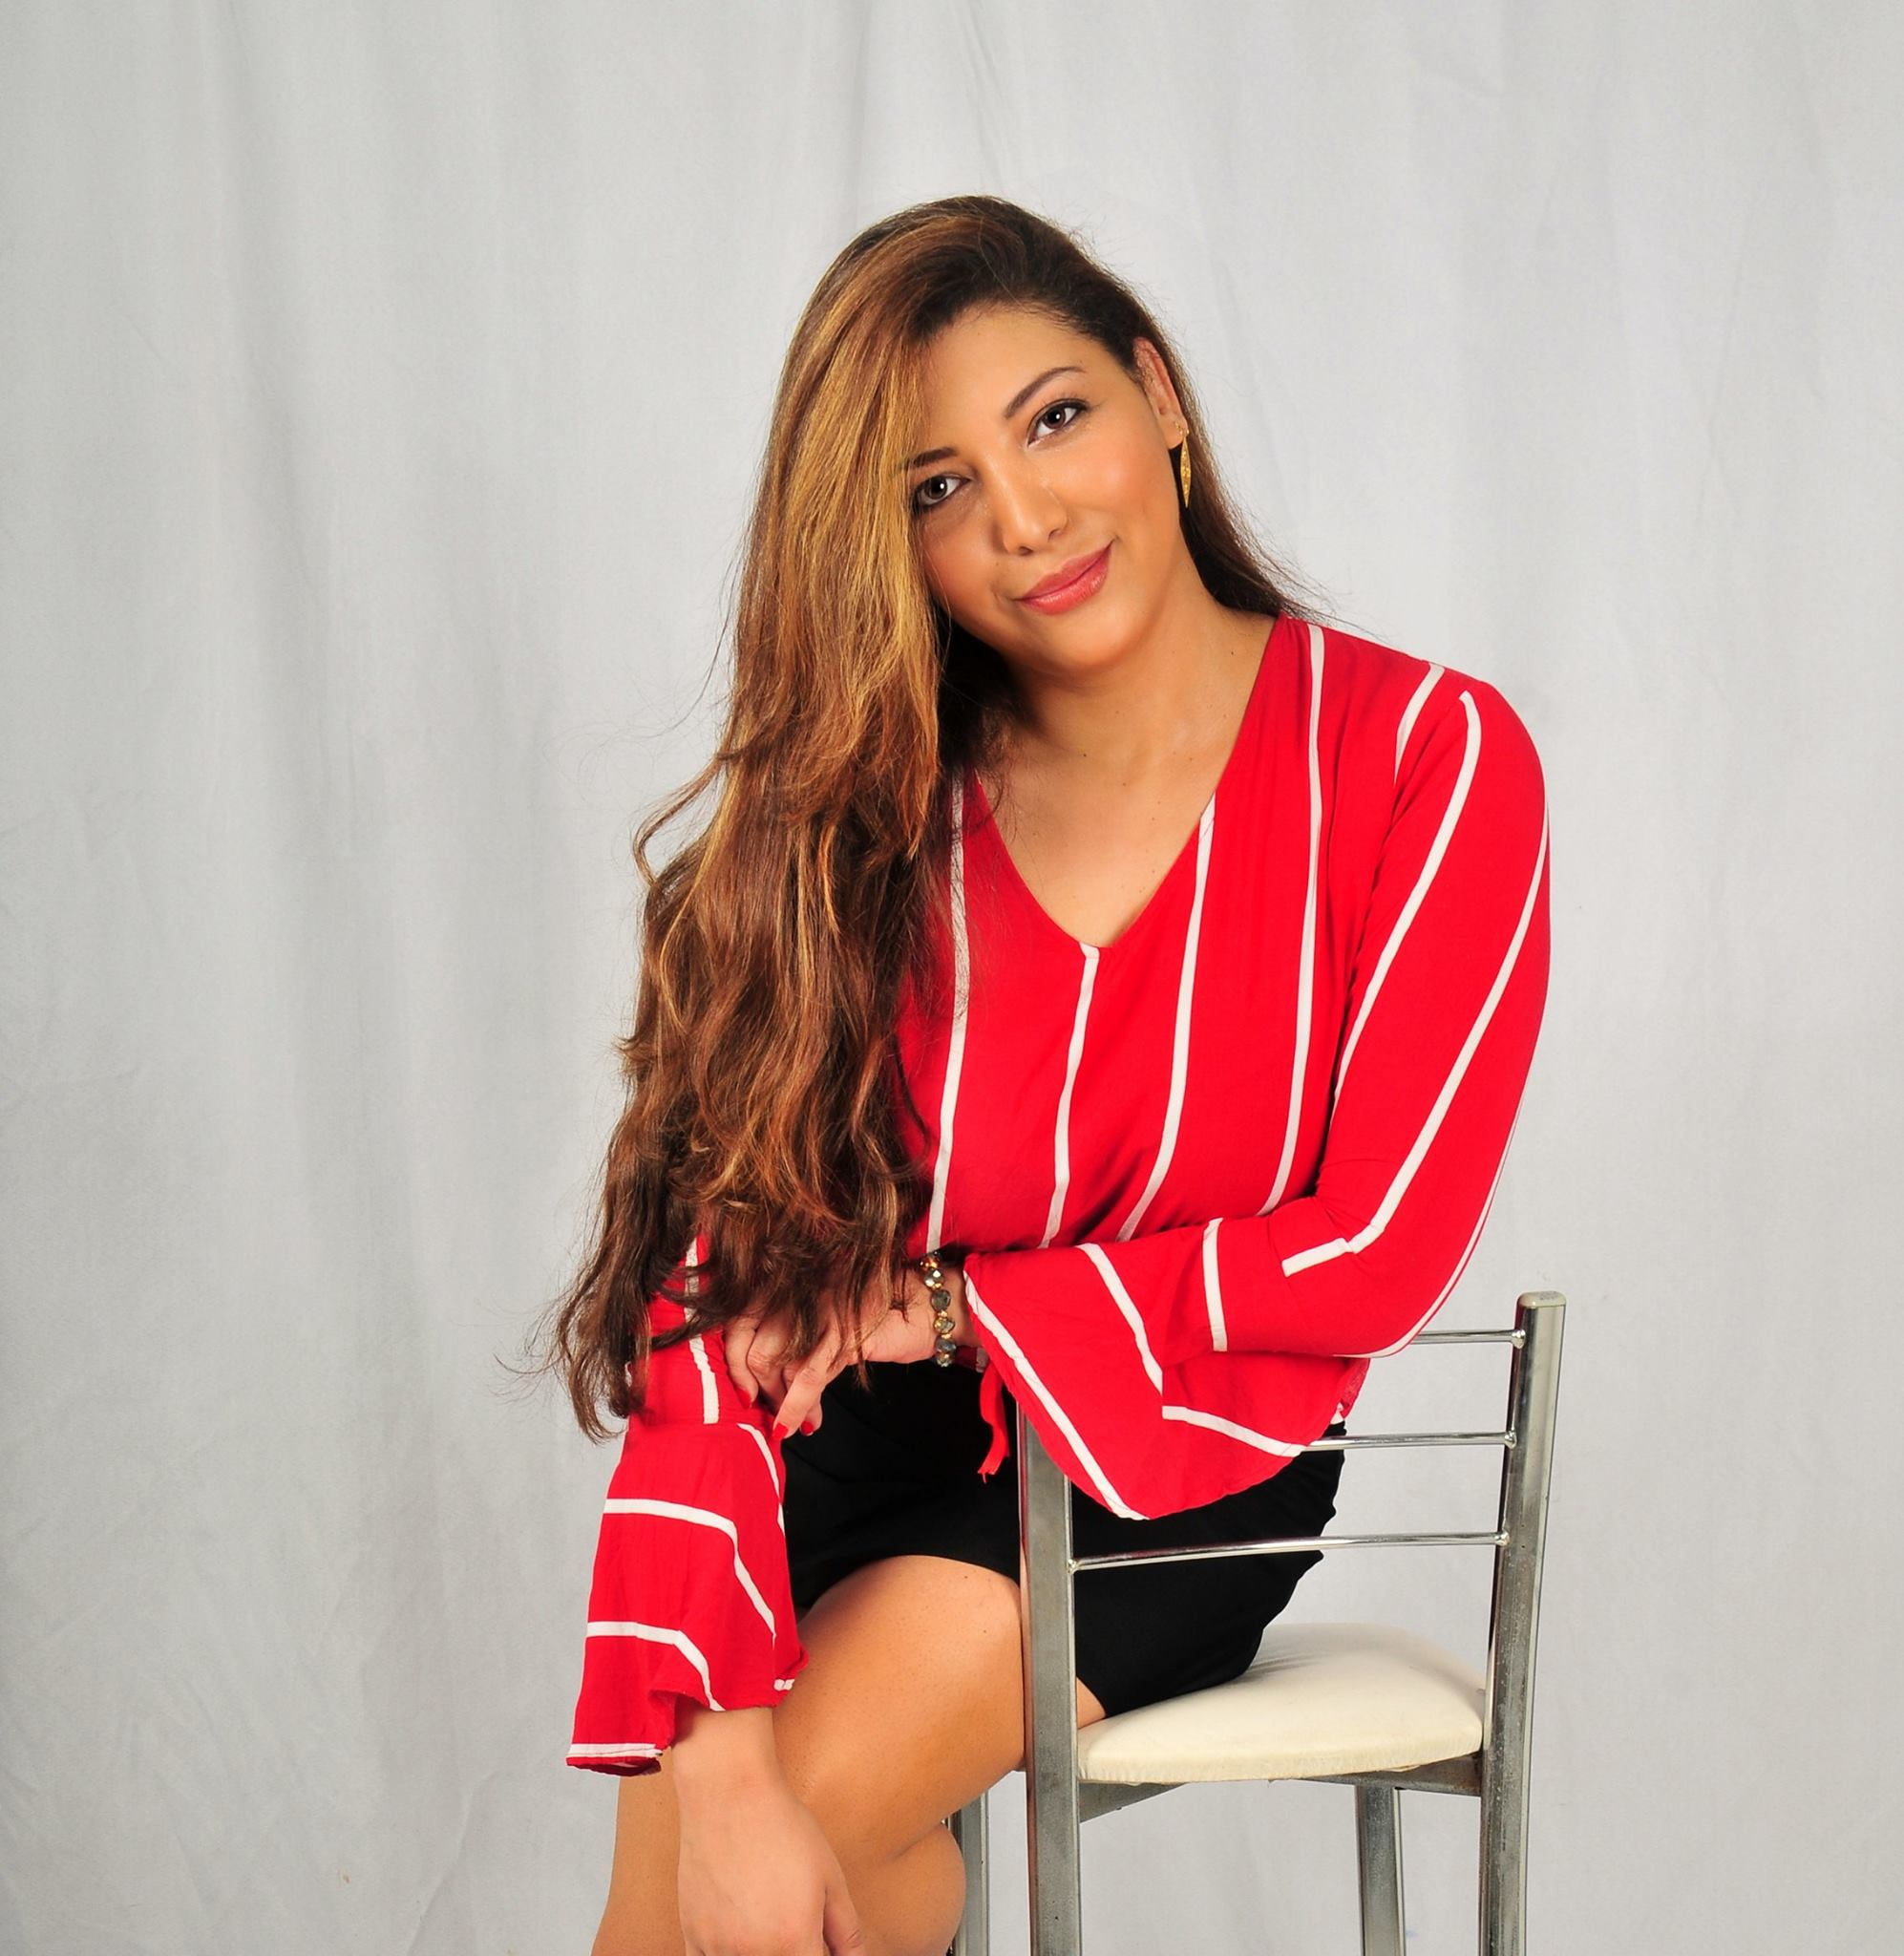 Adriana Cabral - Fundadora da loja virtual e Blog Pashmina Brasil. Adriana e tambem ativista intercultural e publicista